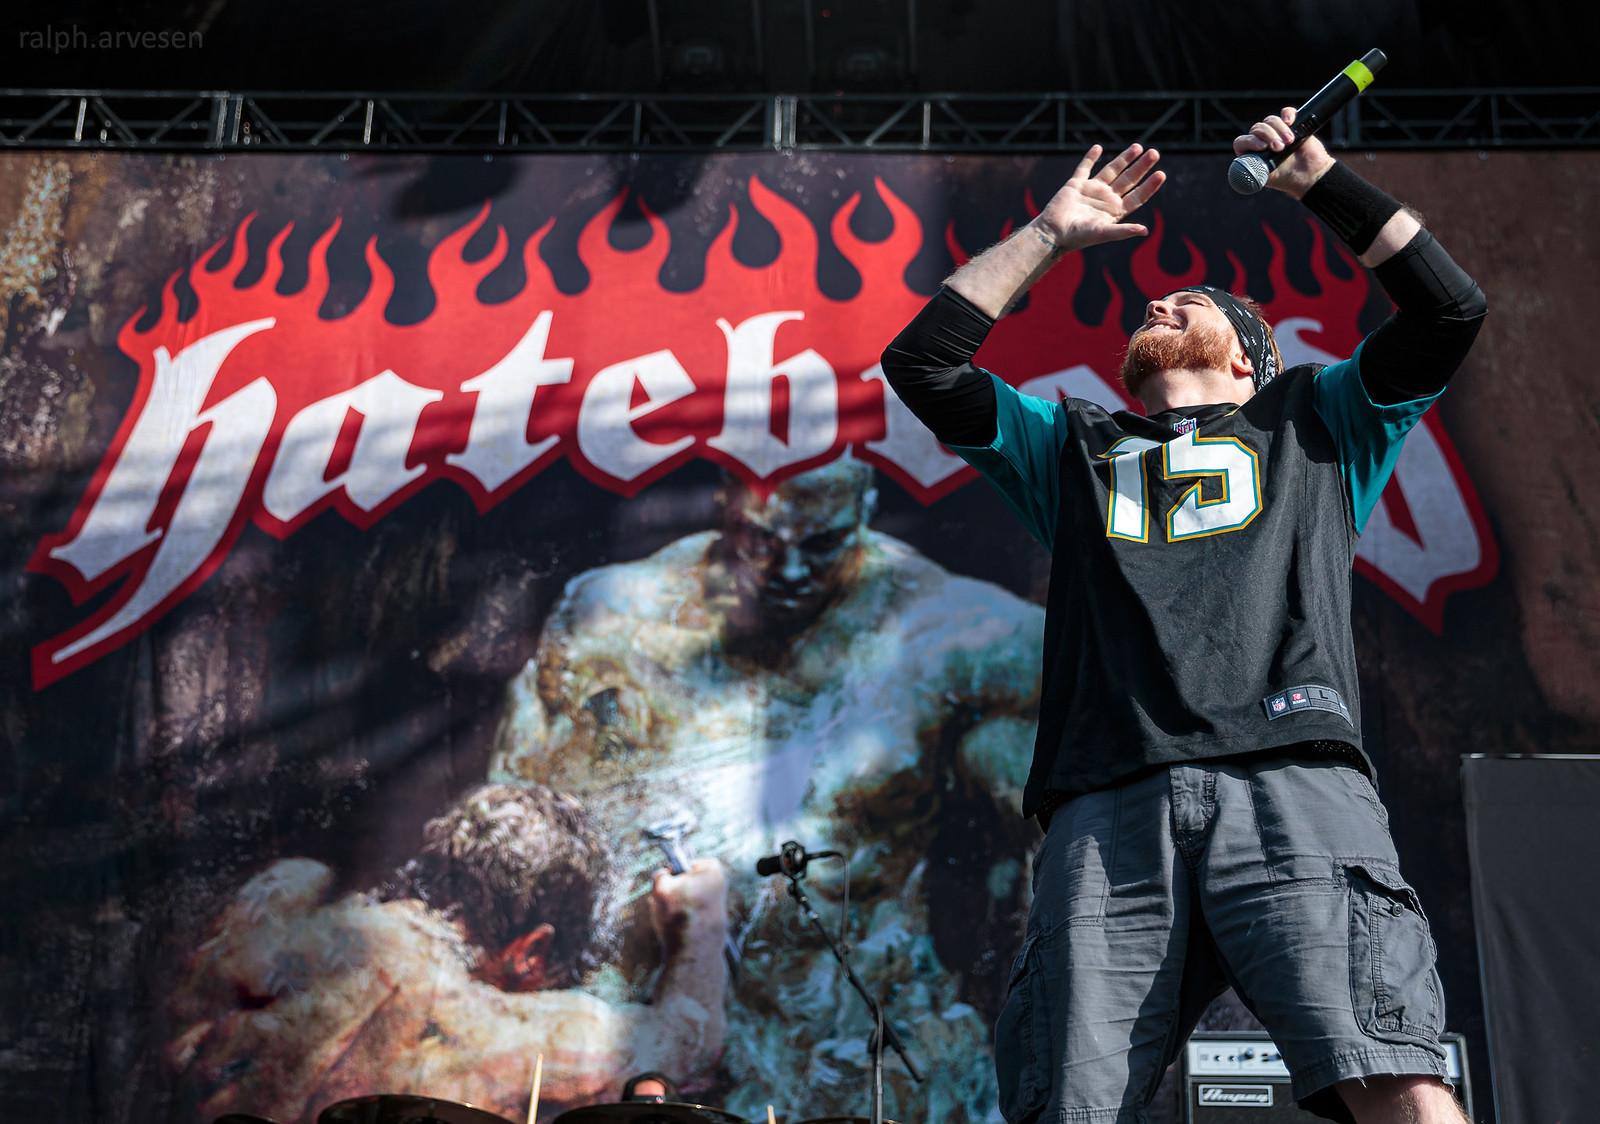 Hatebreed | Texas Review | Ralph Arvesen